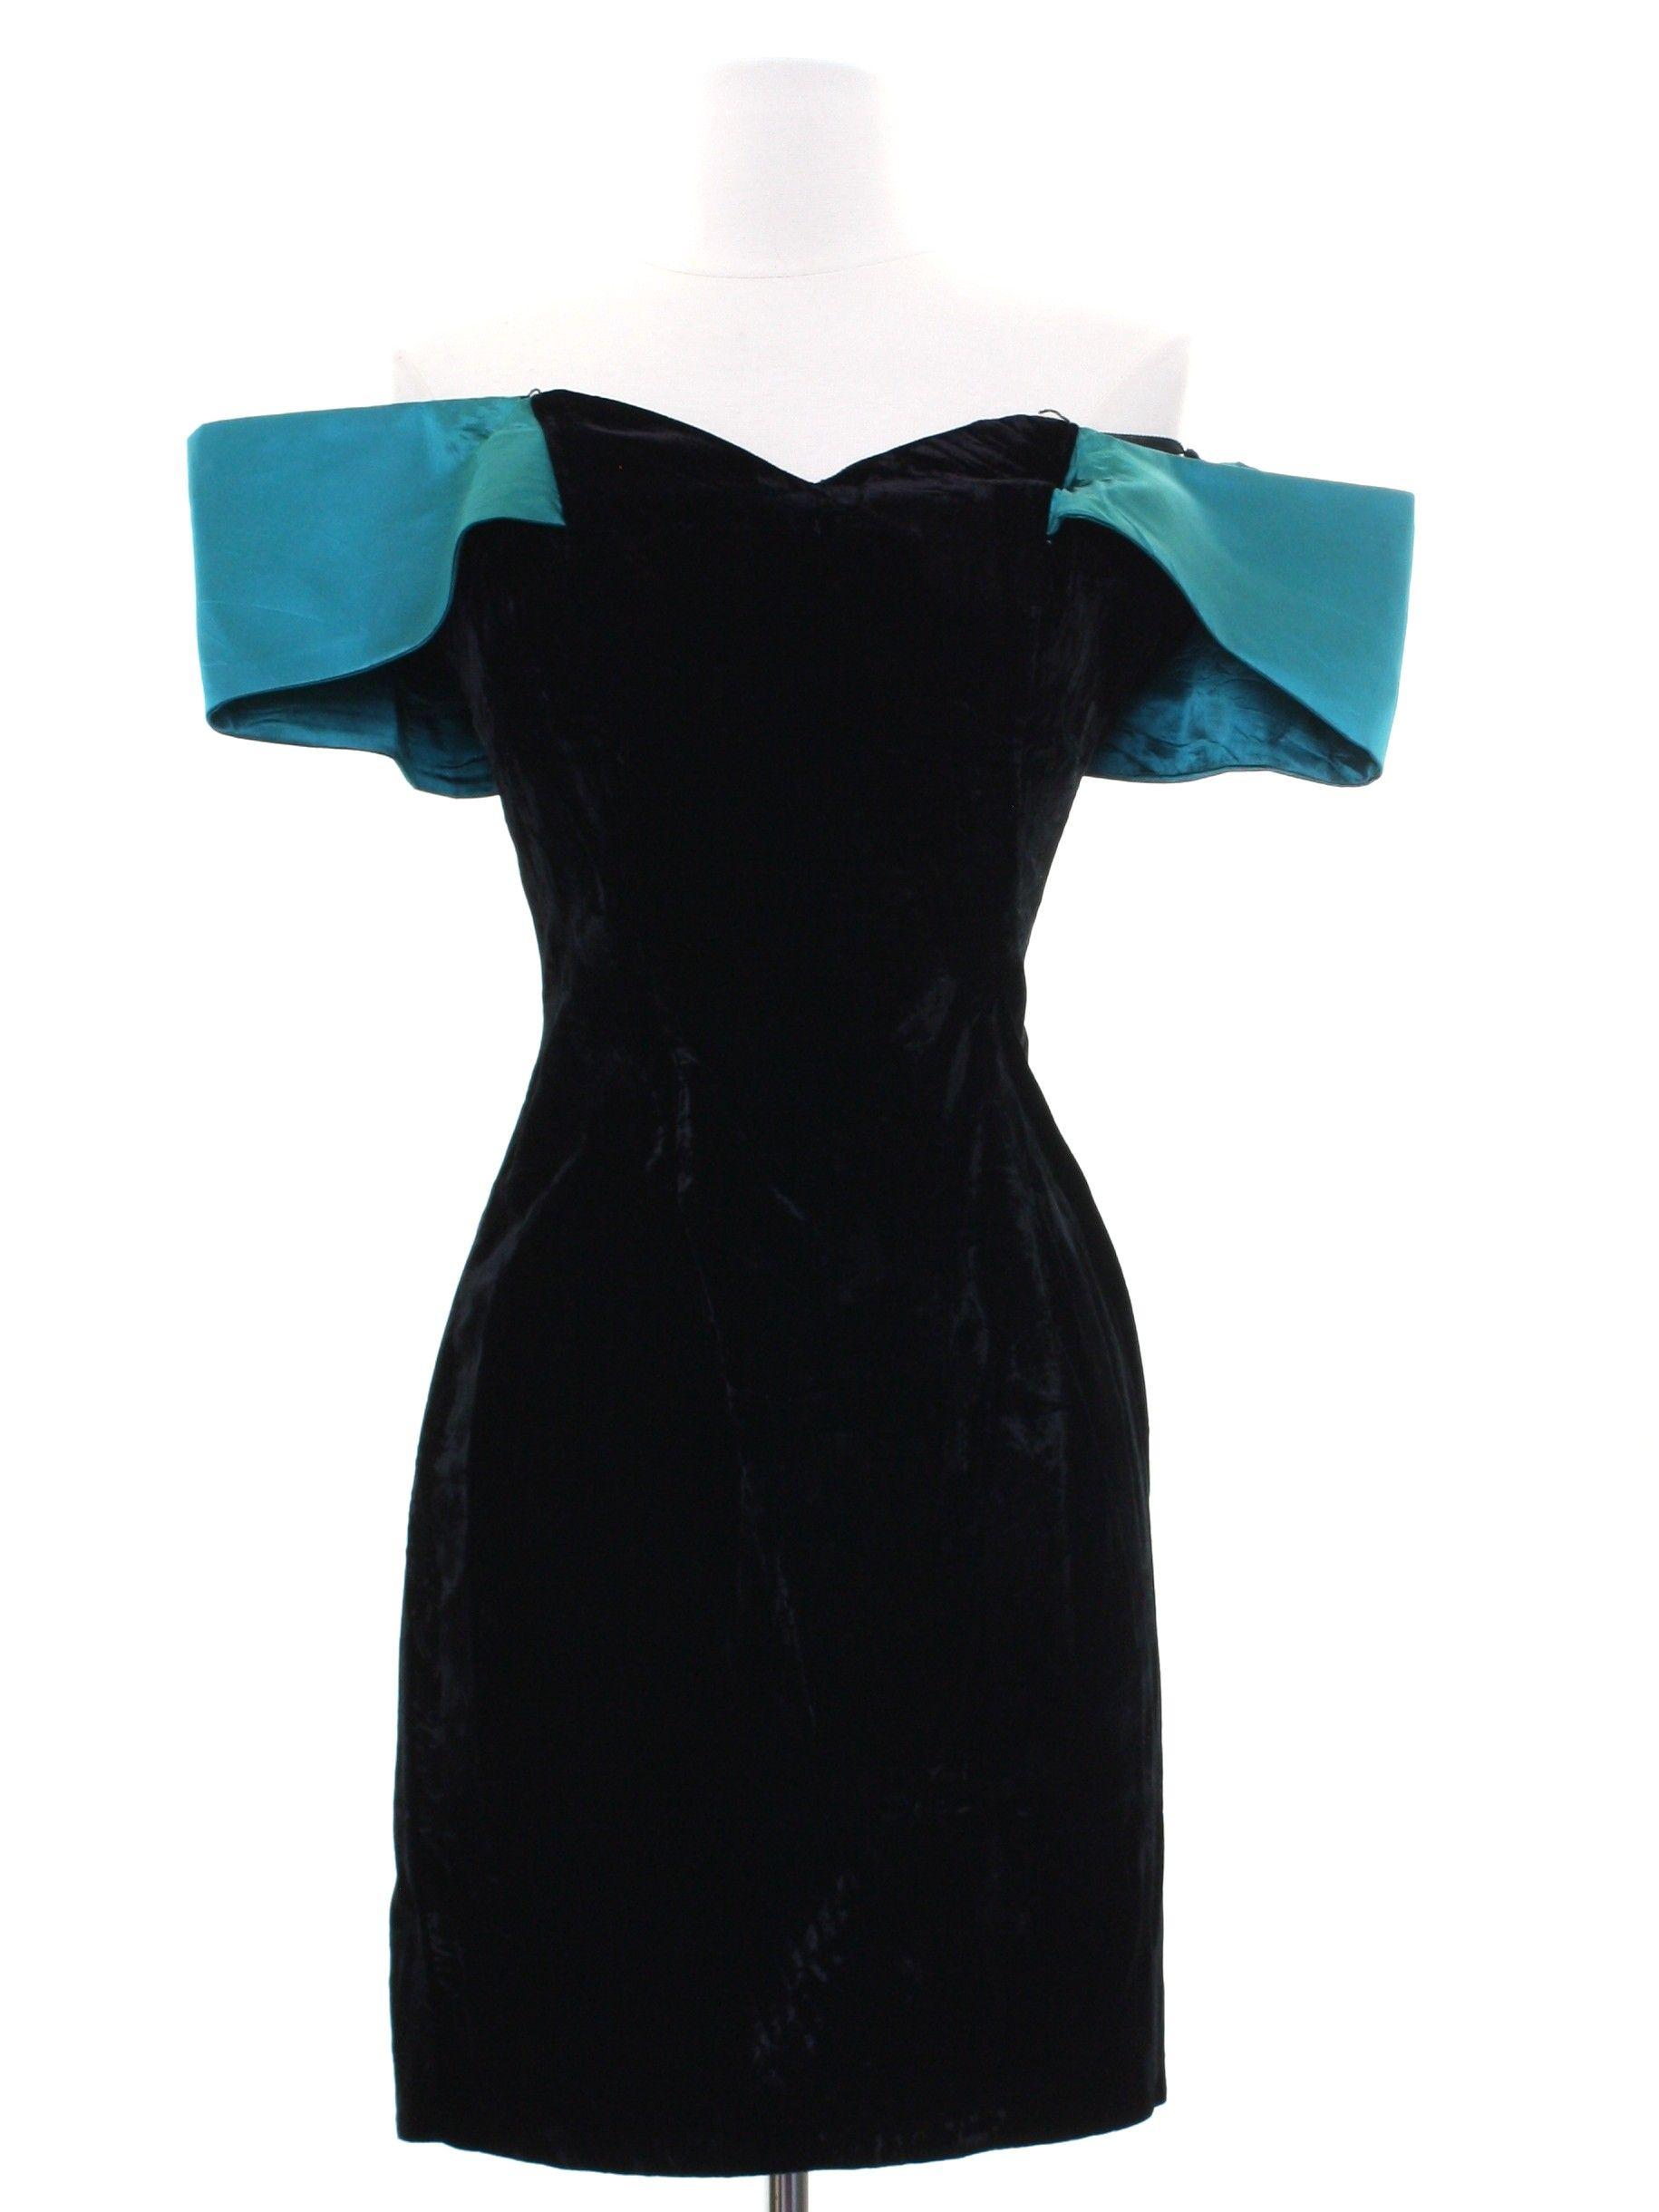 Pin On 80s Prom Dress [ 2440 x 1830 Pixel ]